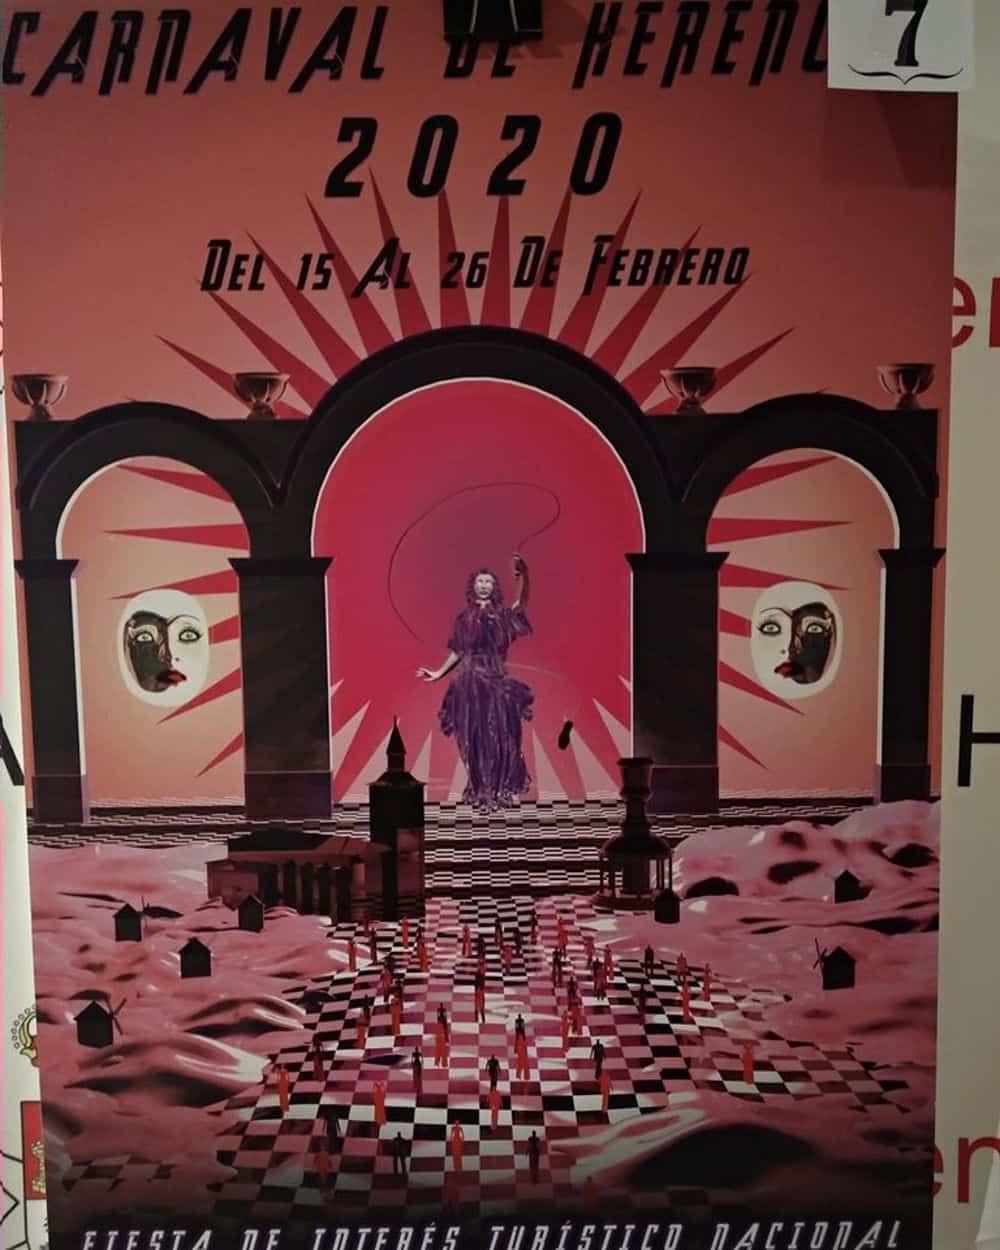 carteles carnaval 2020 herencia 9 - Conoce los carteles de Carnaval de Herencia 2020, ¿cuál te gusta más?